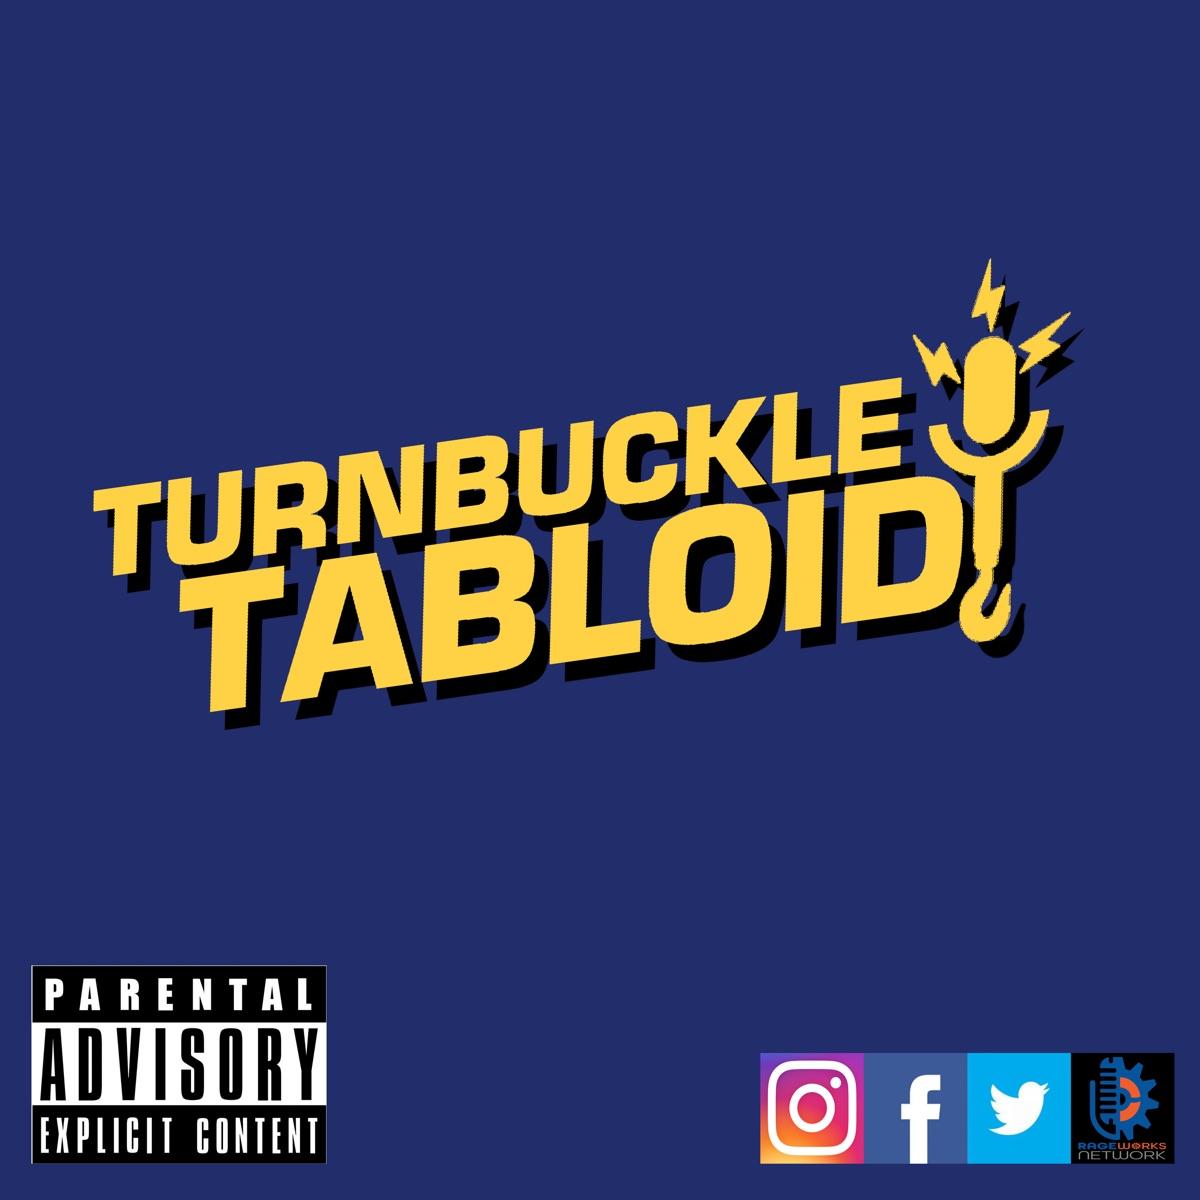 Turnbuckle Tabloid